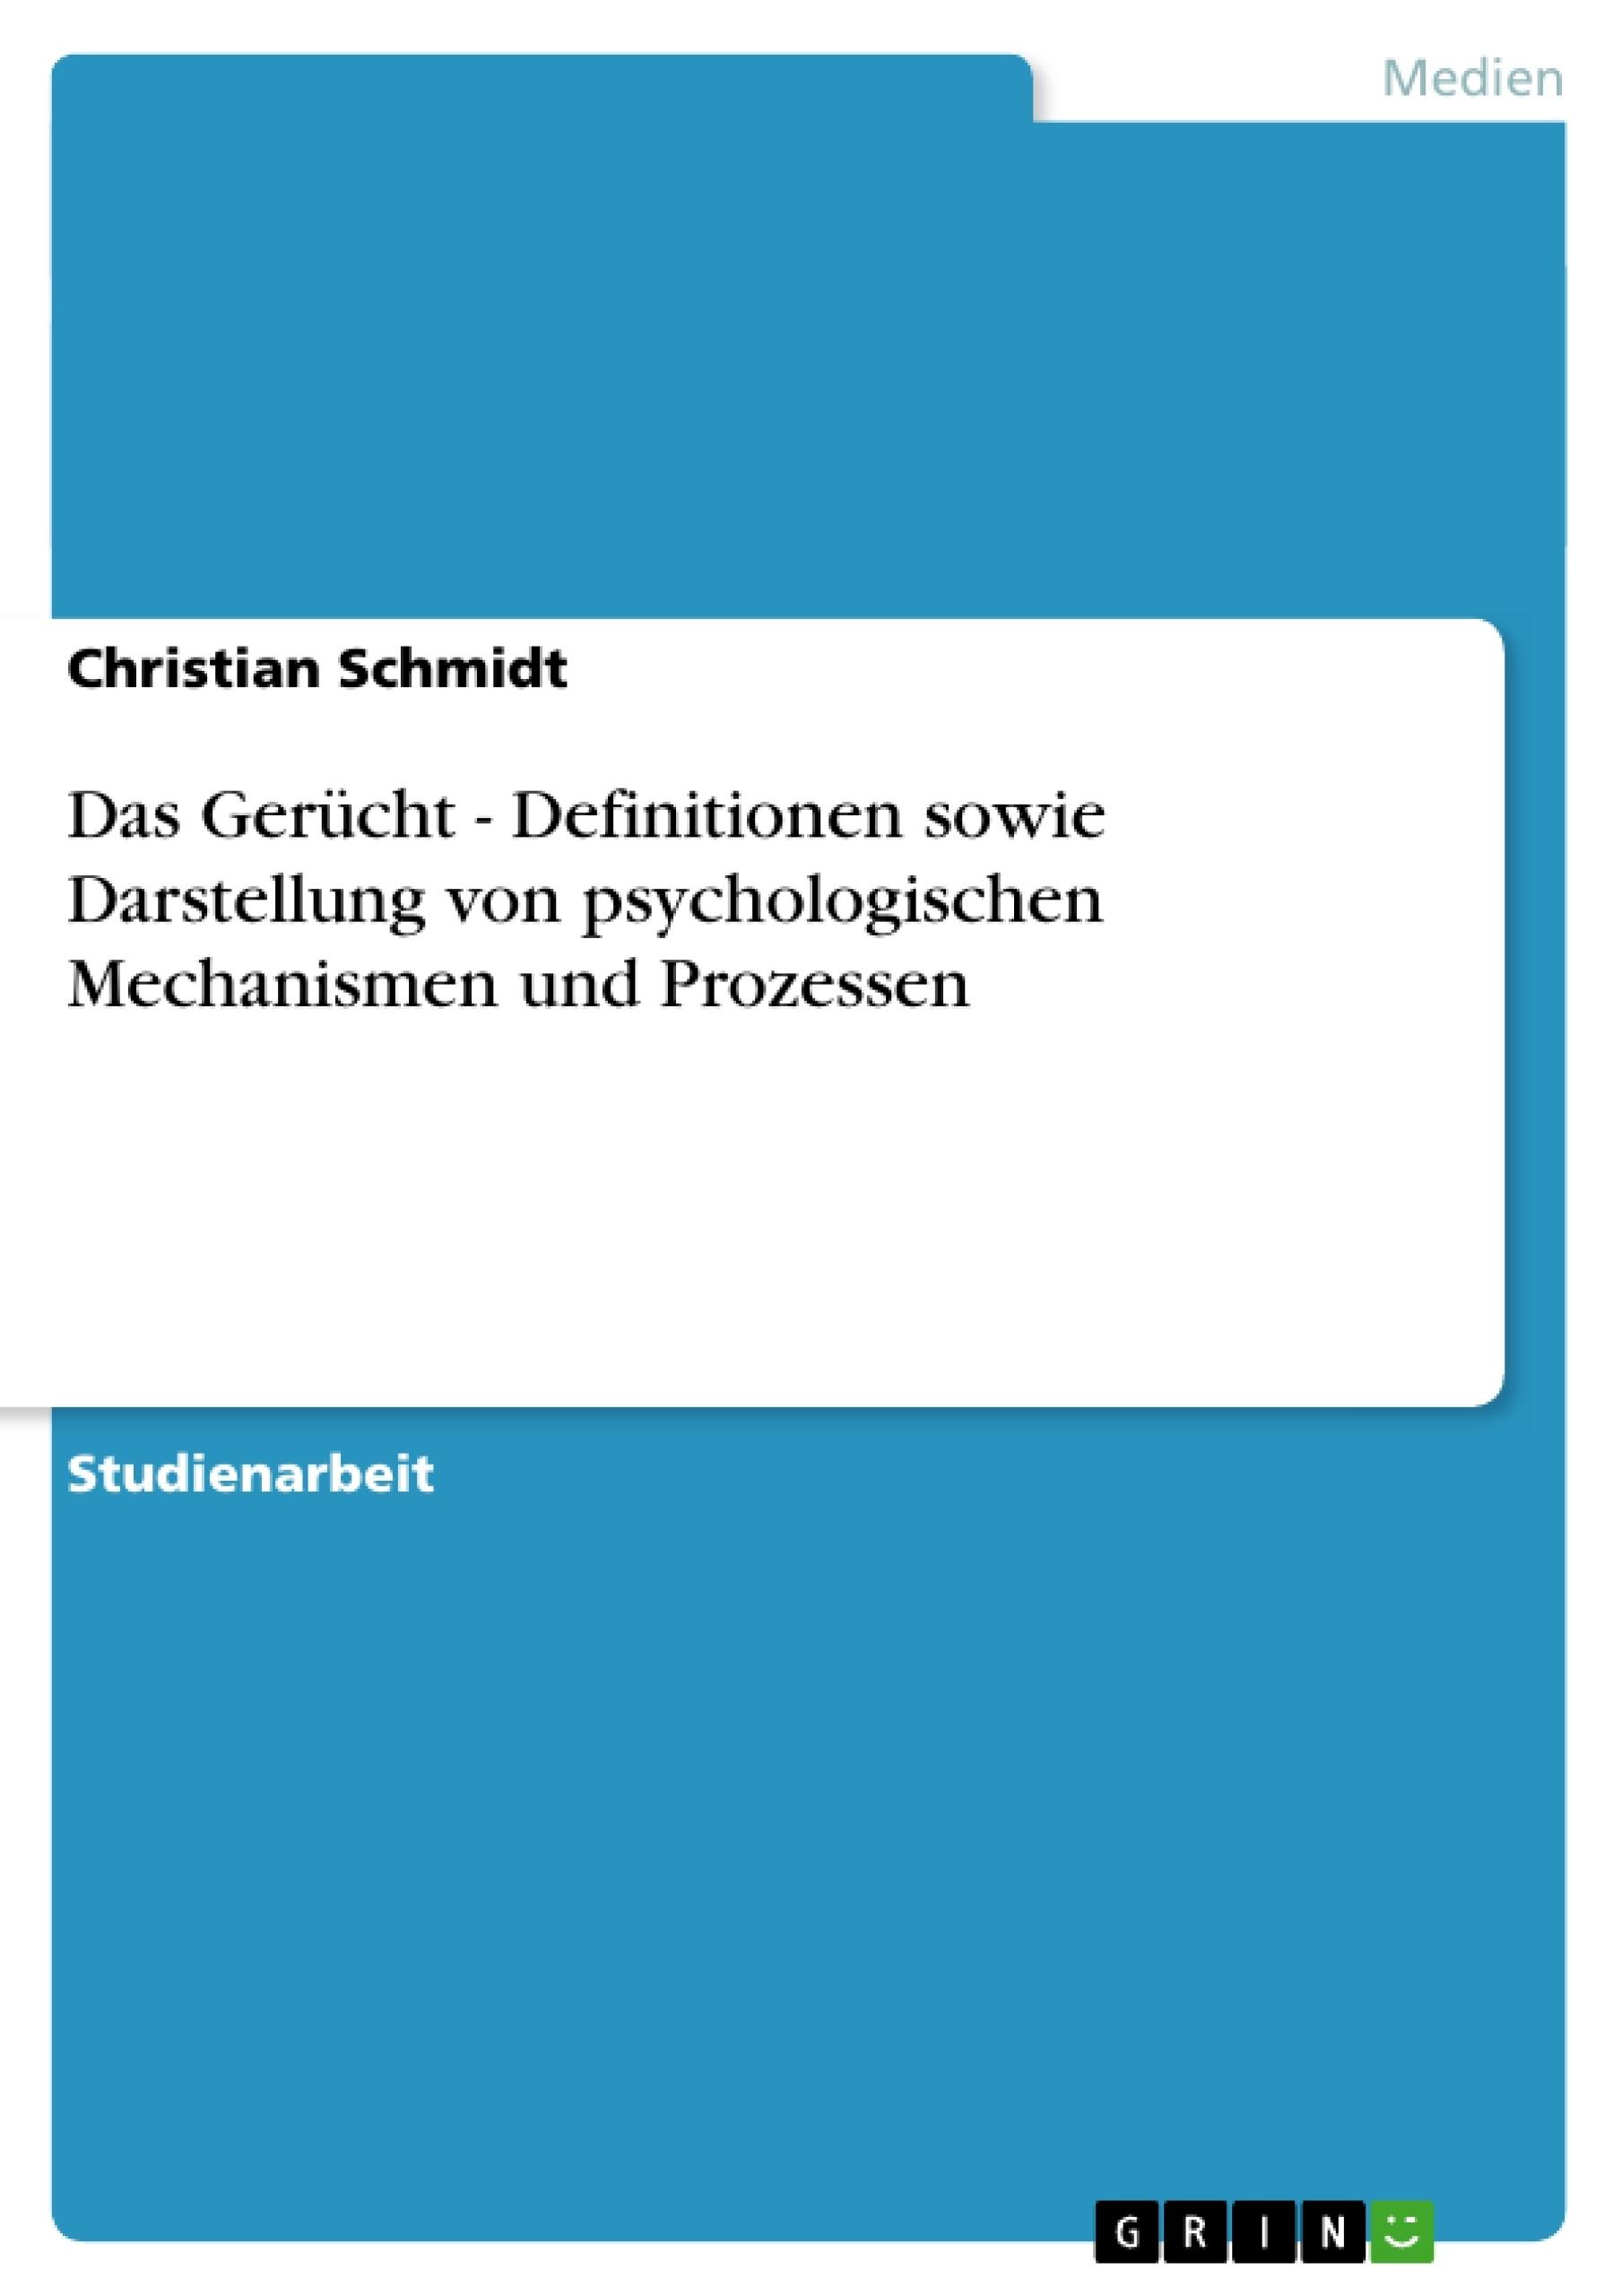 Titel: Das Gerücht - Definitionen sowie Darstellung von psychologischen Mechanismen und Prozessen